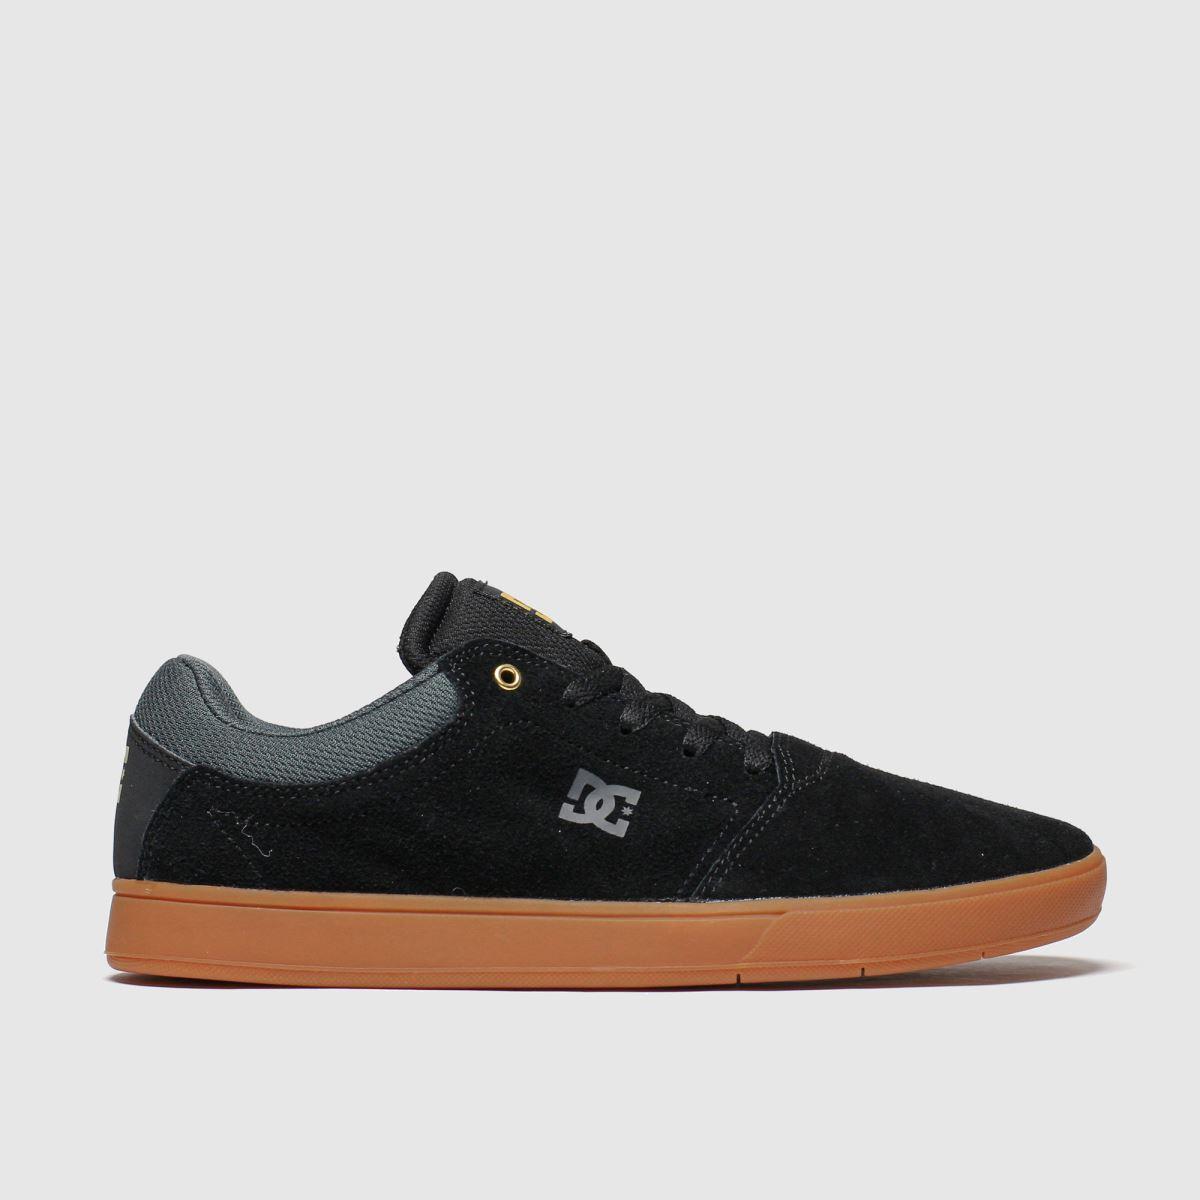 dc shoes Dc Shoes Black & Brown Crisis Trainers